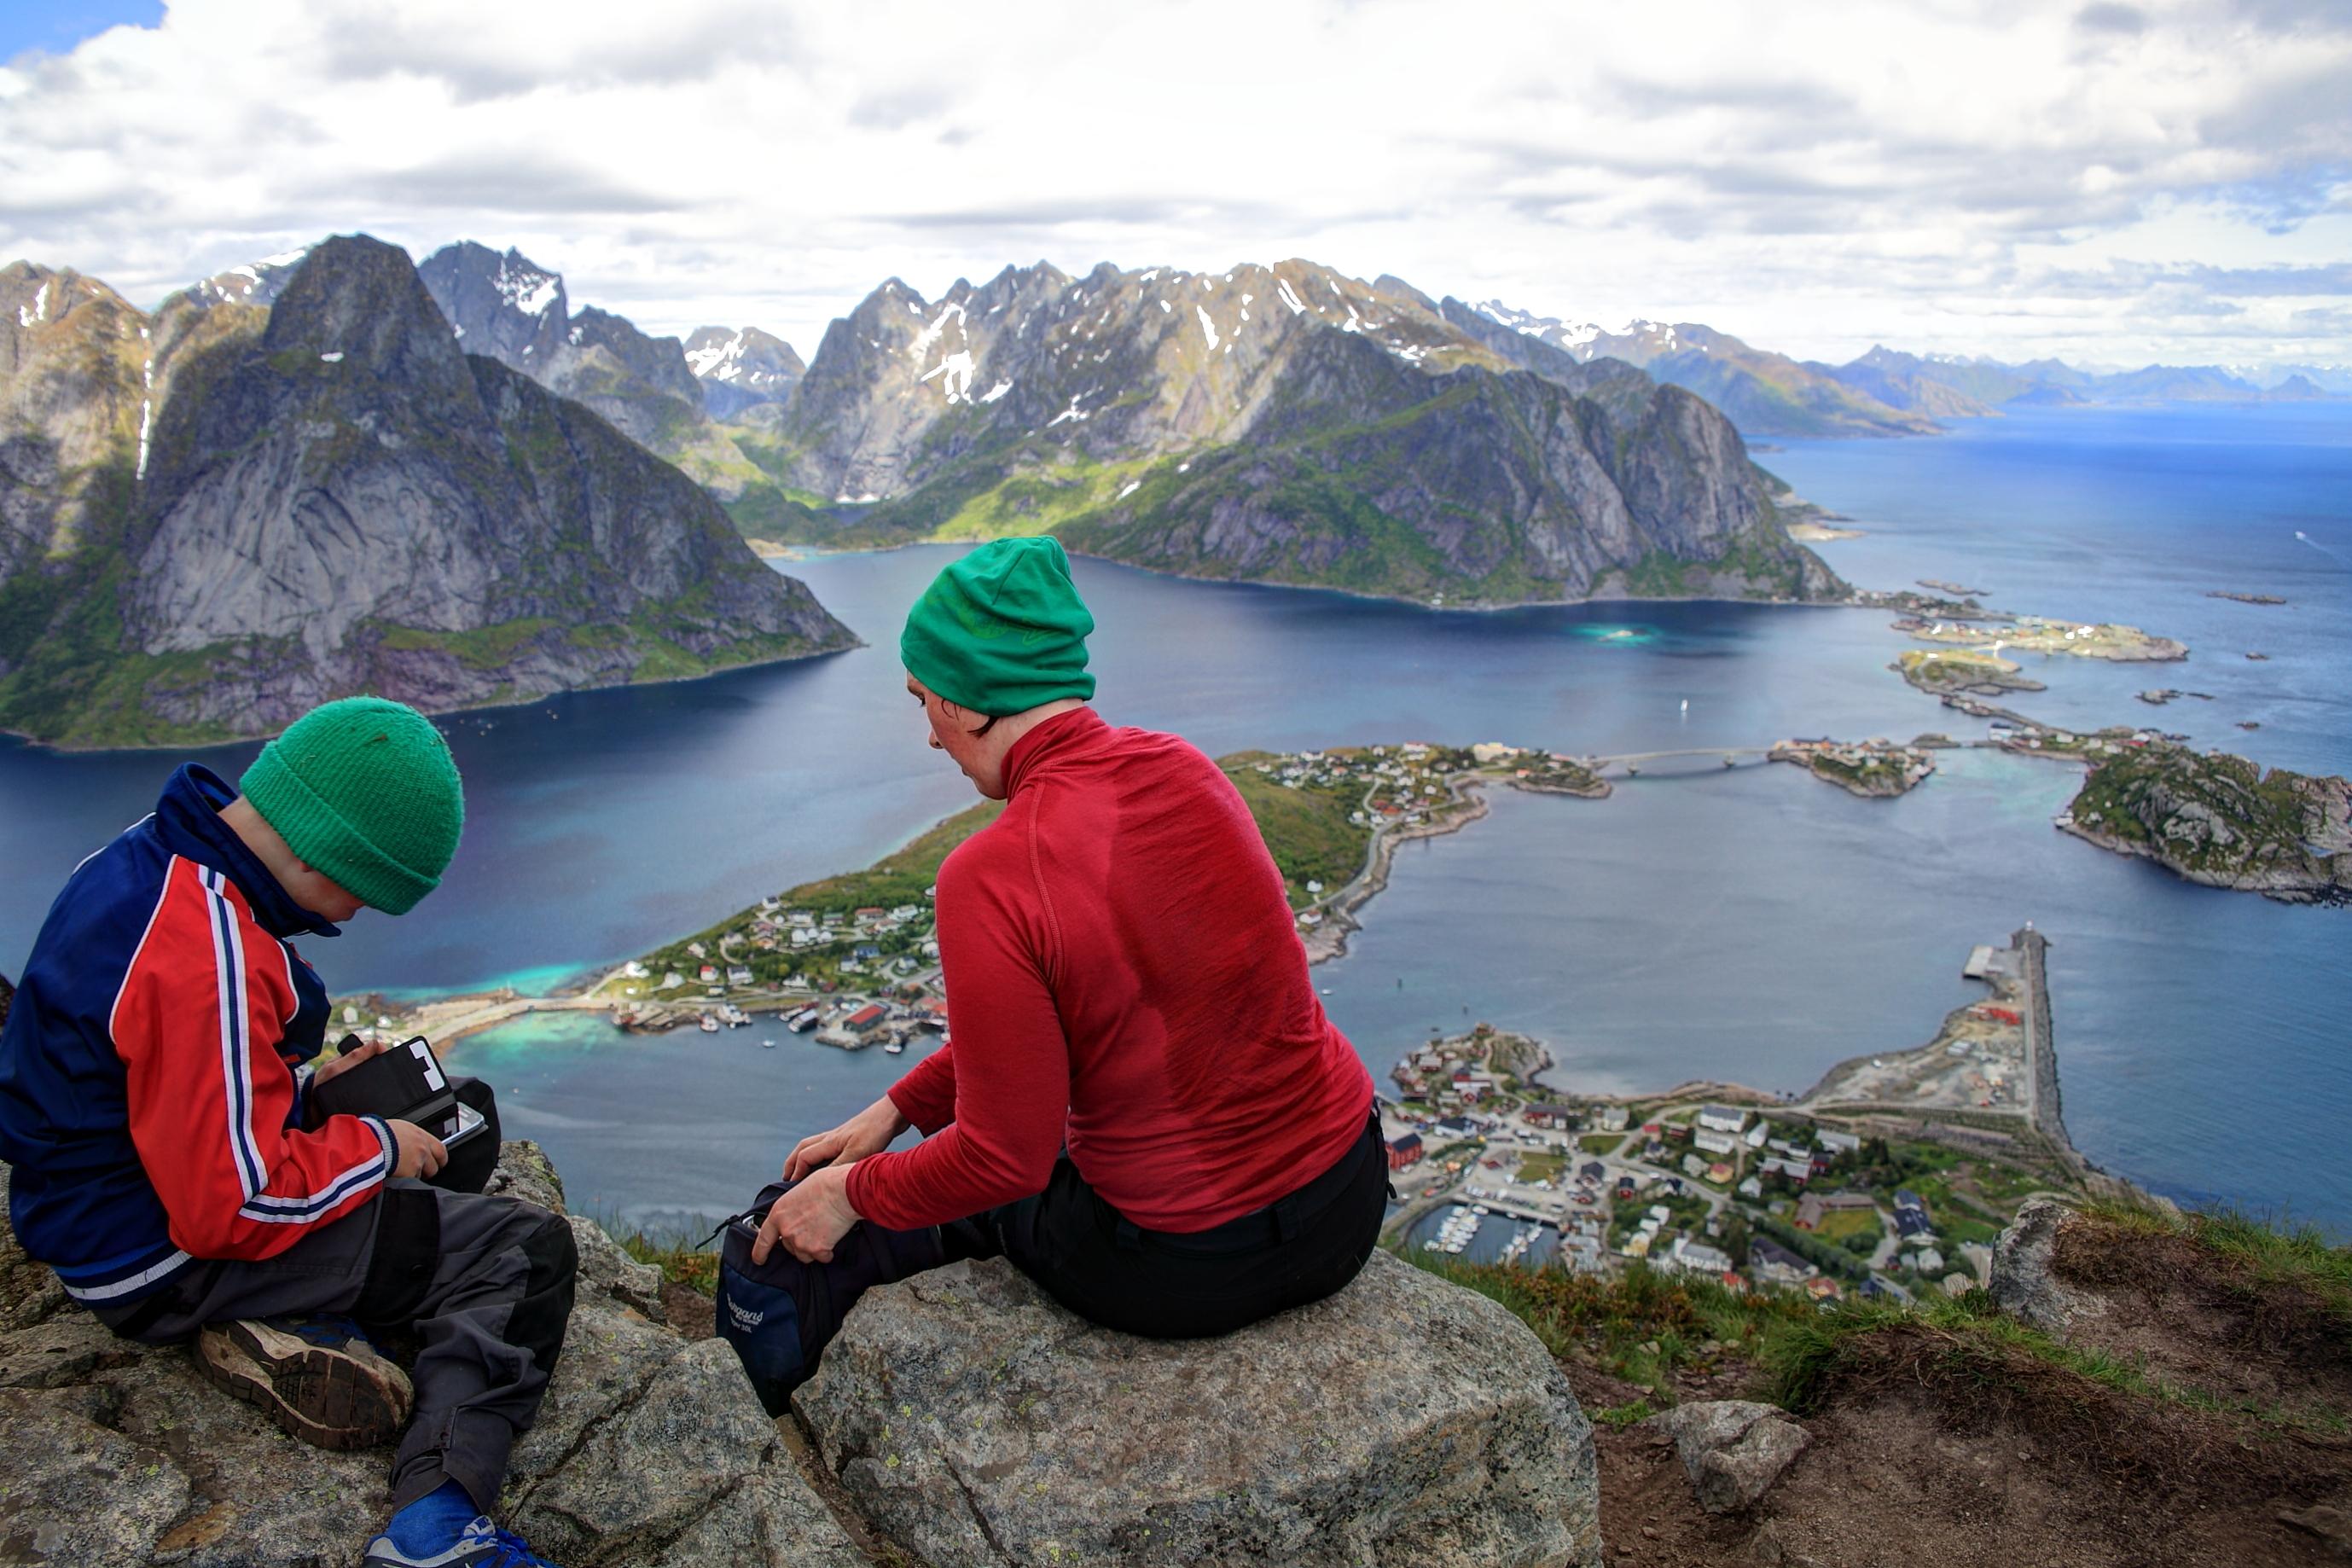 甜蜜妹妹汗汗_2015挪威-Lofoten群島